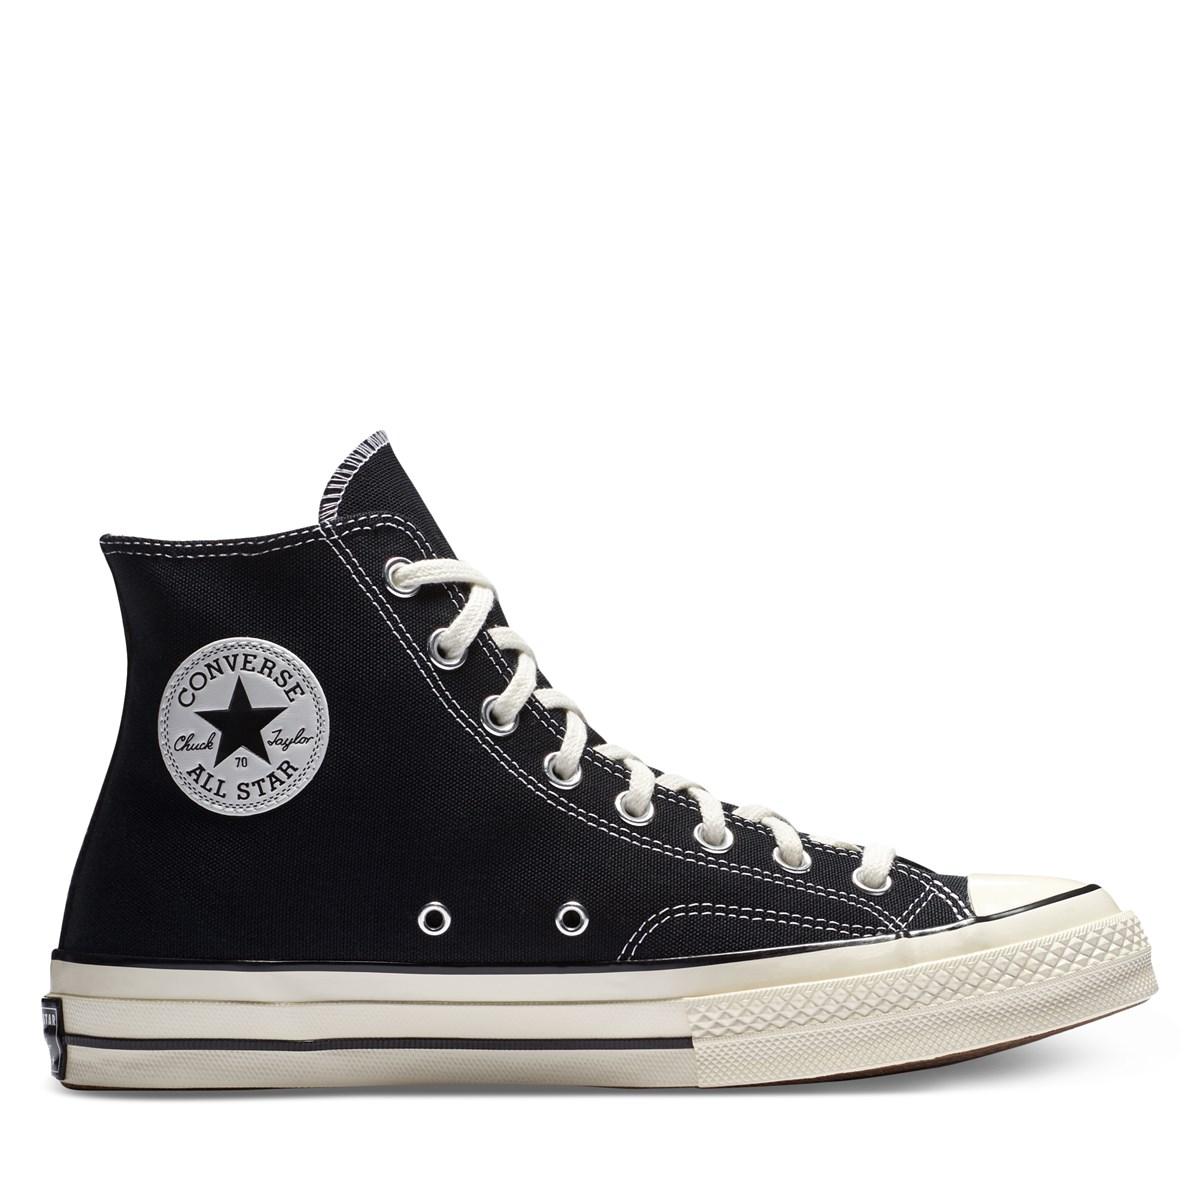 Chuck 70 Vintage Hi Sneakers in Black